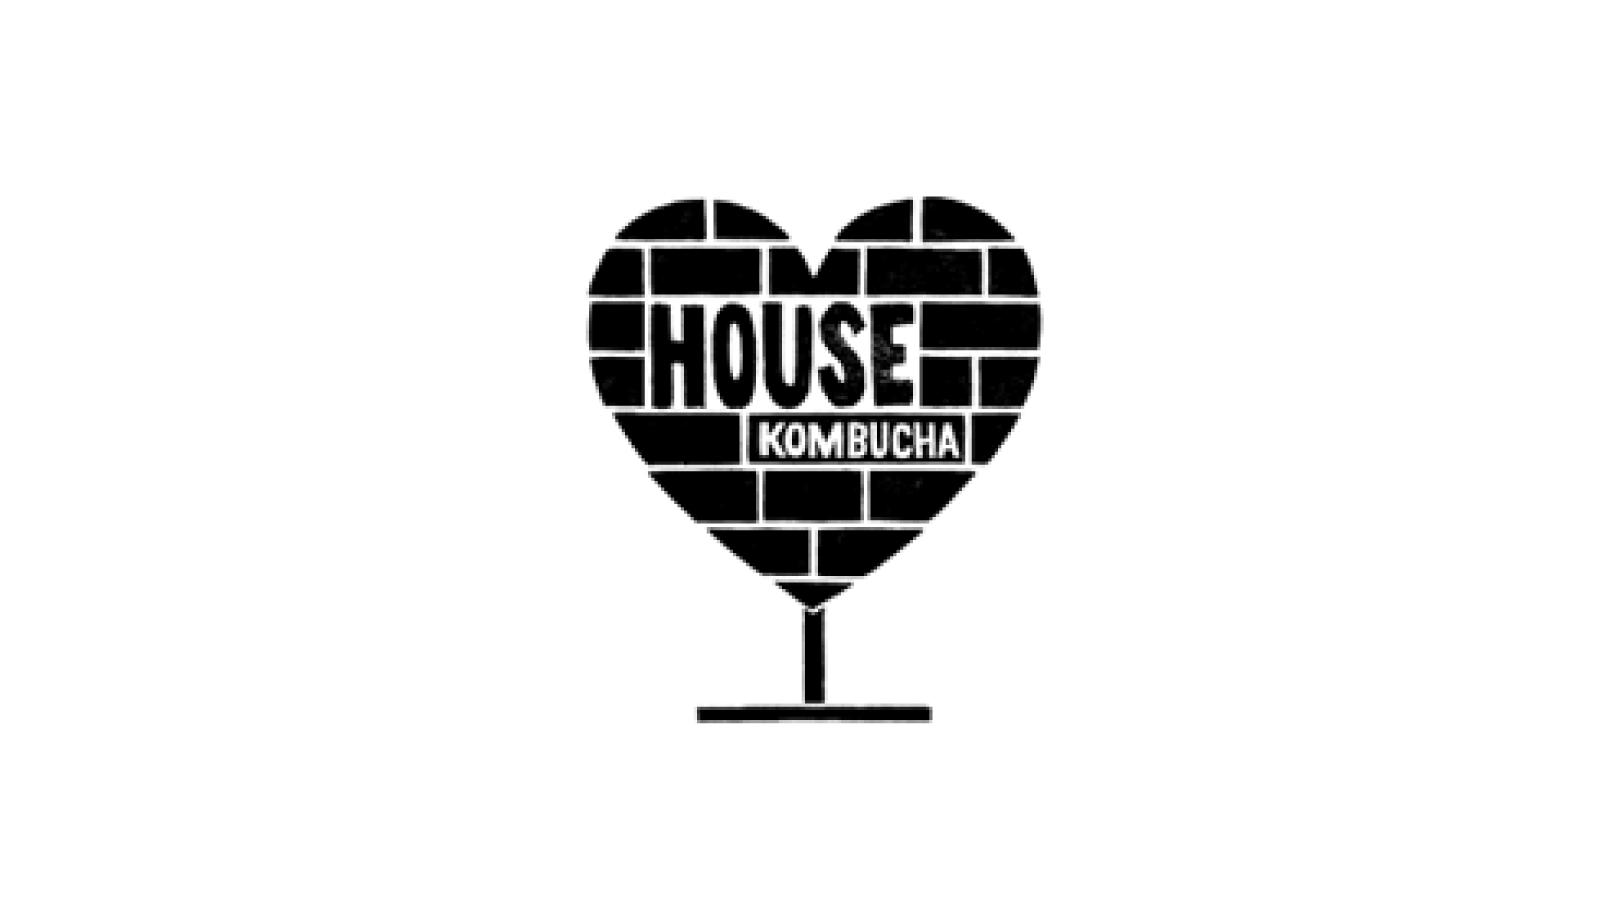 housekombucha.jpg